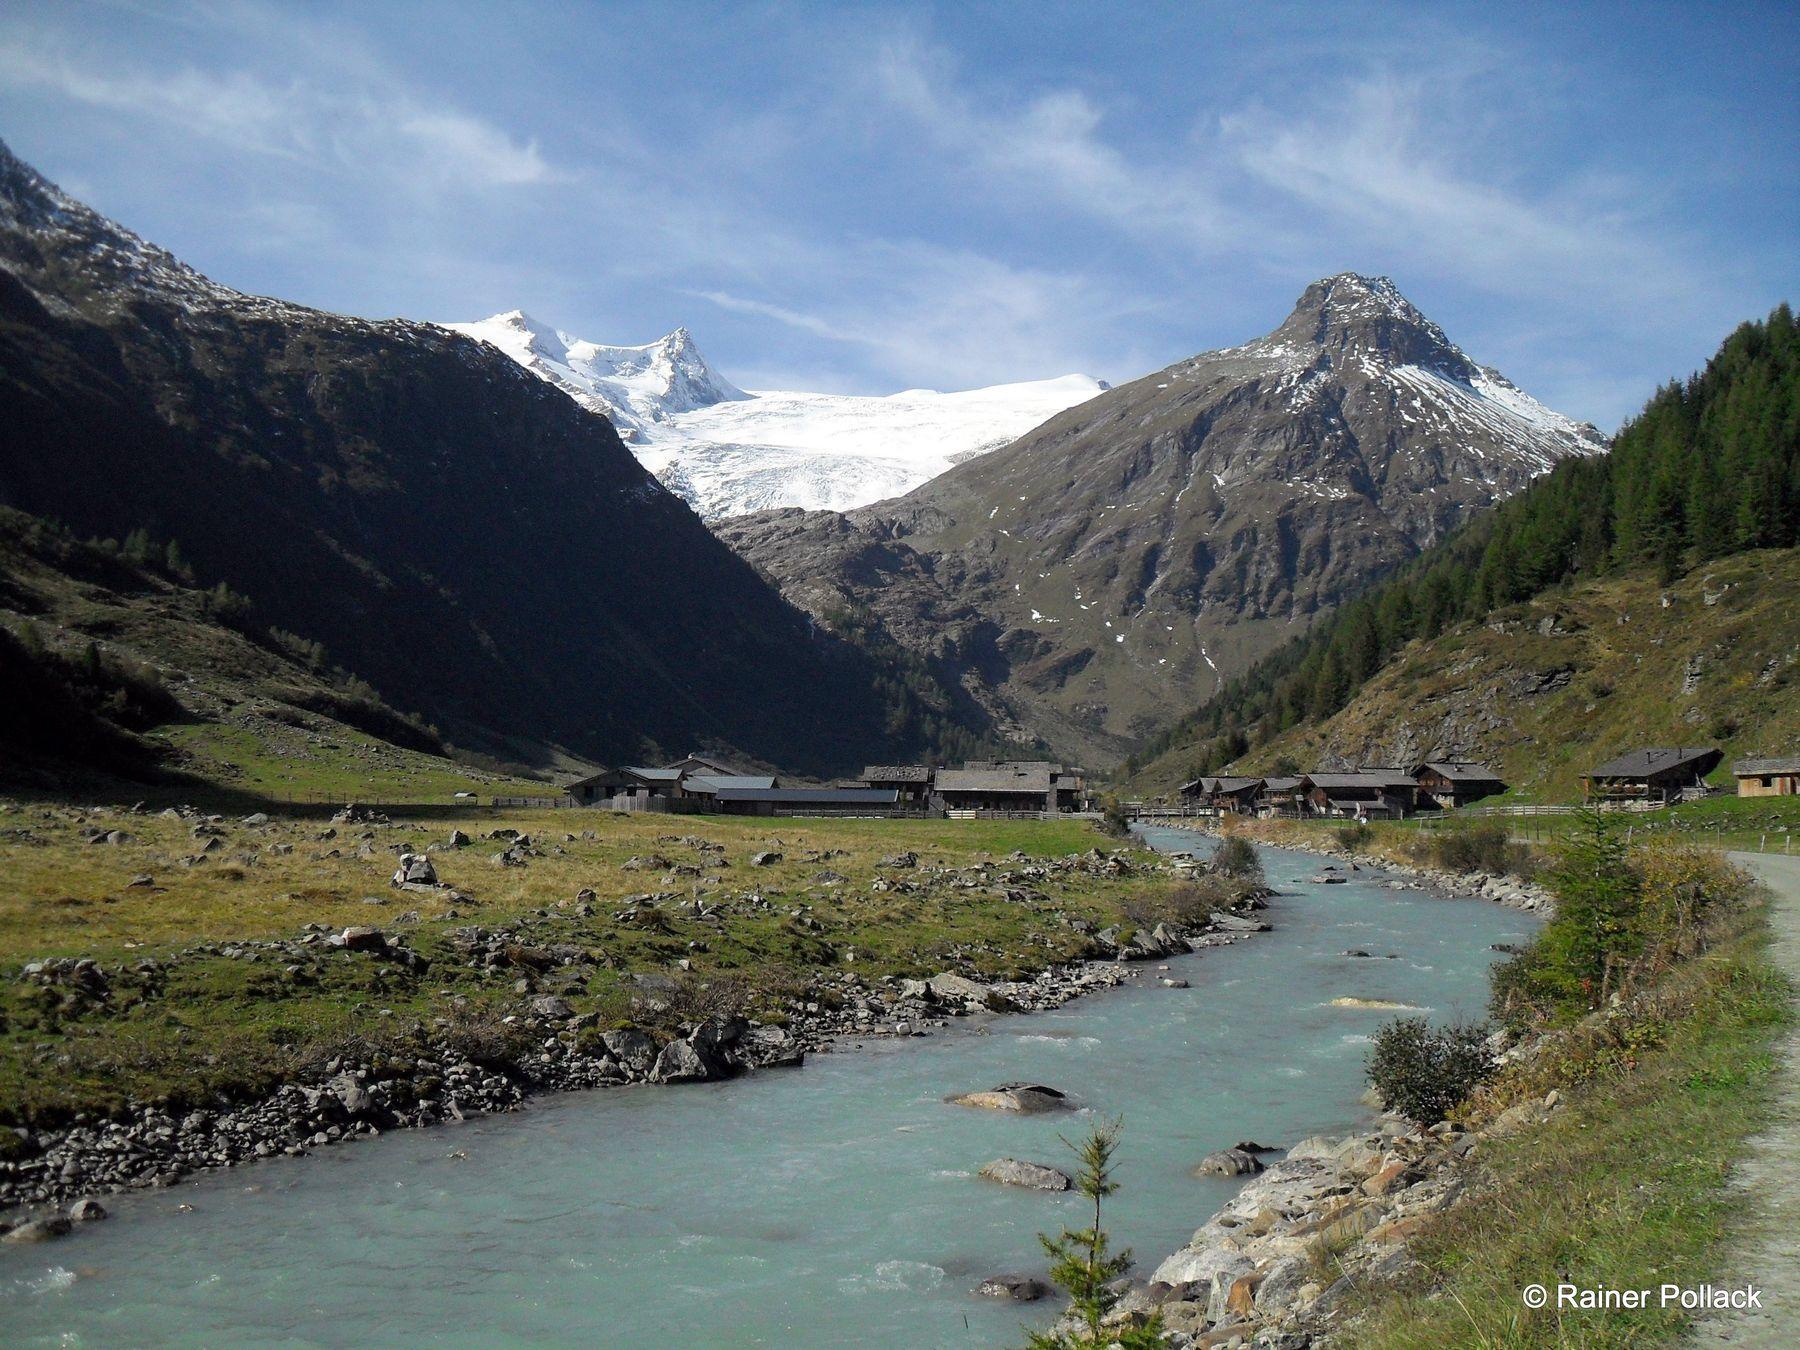 Innergschlöß Gletscherweg: Wanderung vom Matreier Tauernhaus